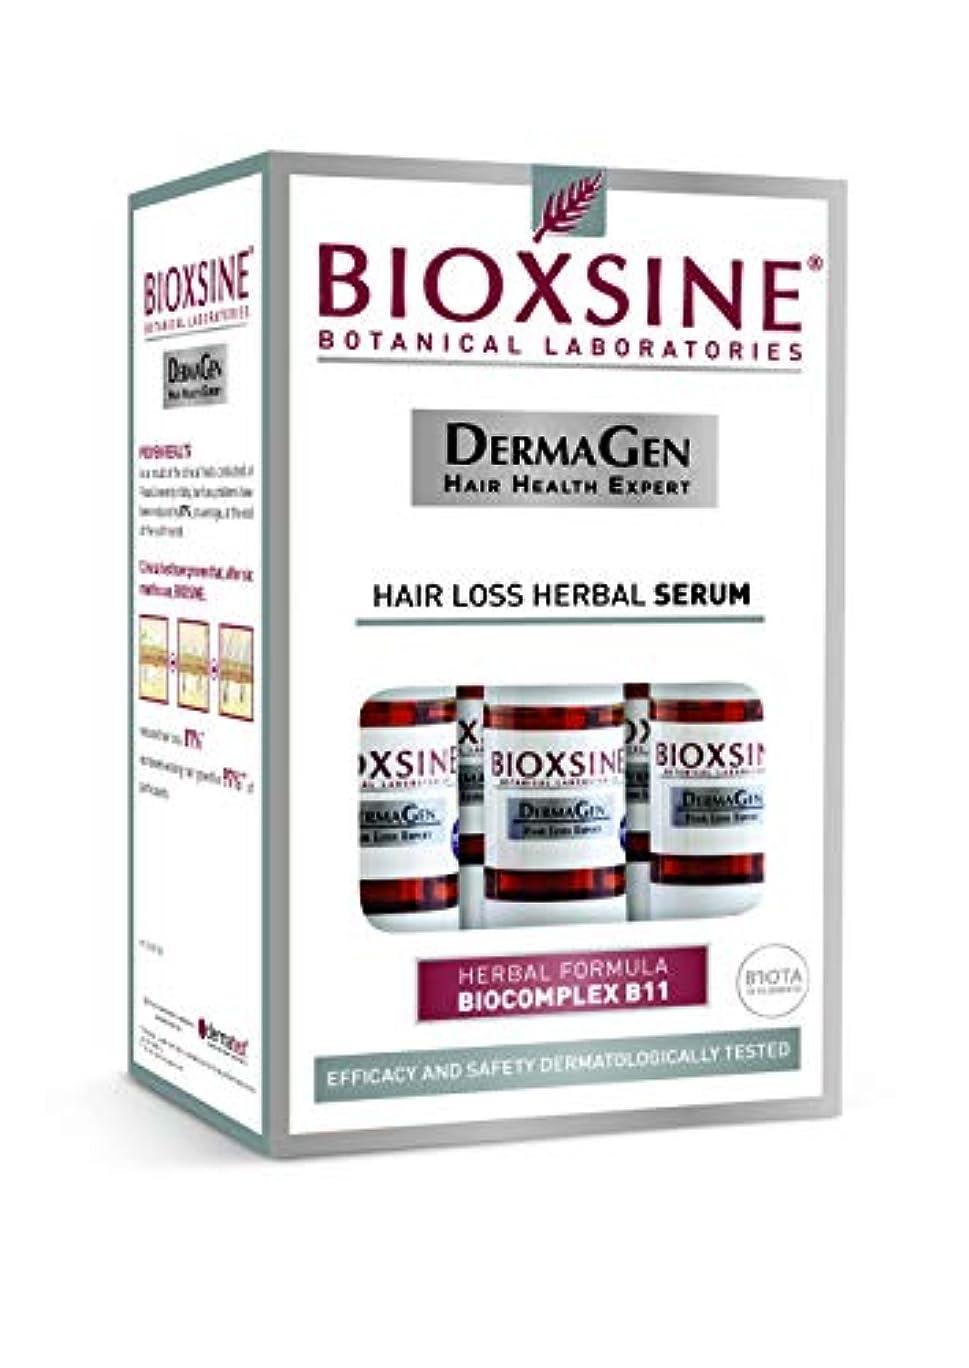 パーク義務事務所無香料の男性のためのBIOXSINEの毛損失の草の血清 - Biocomplex B11元の